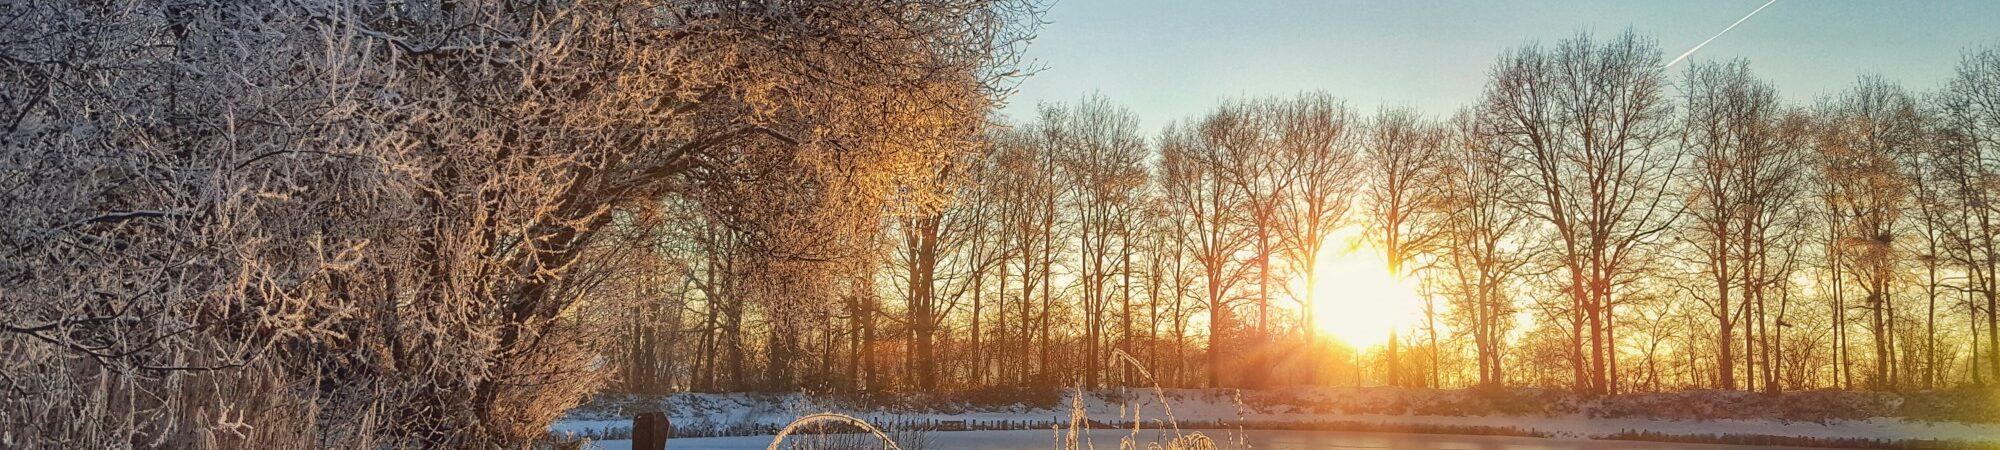 Winterfoto Visvijver De Bongerd met zon en sneeuw